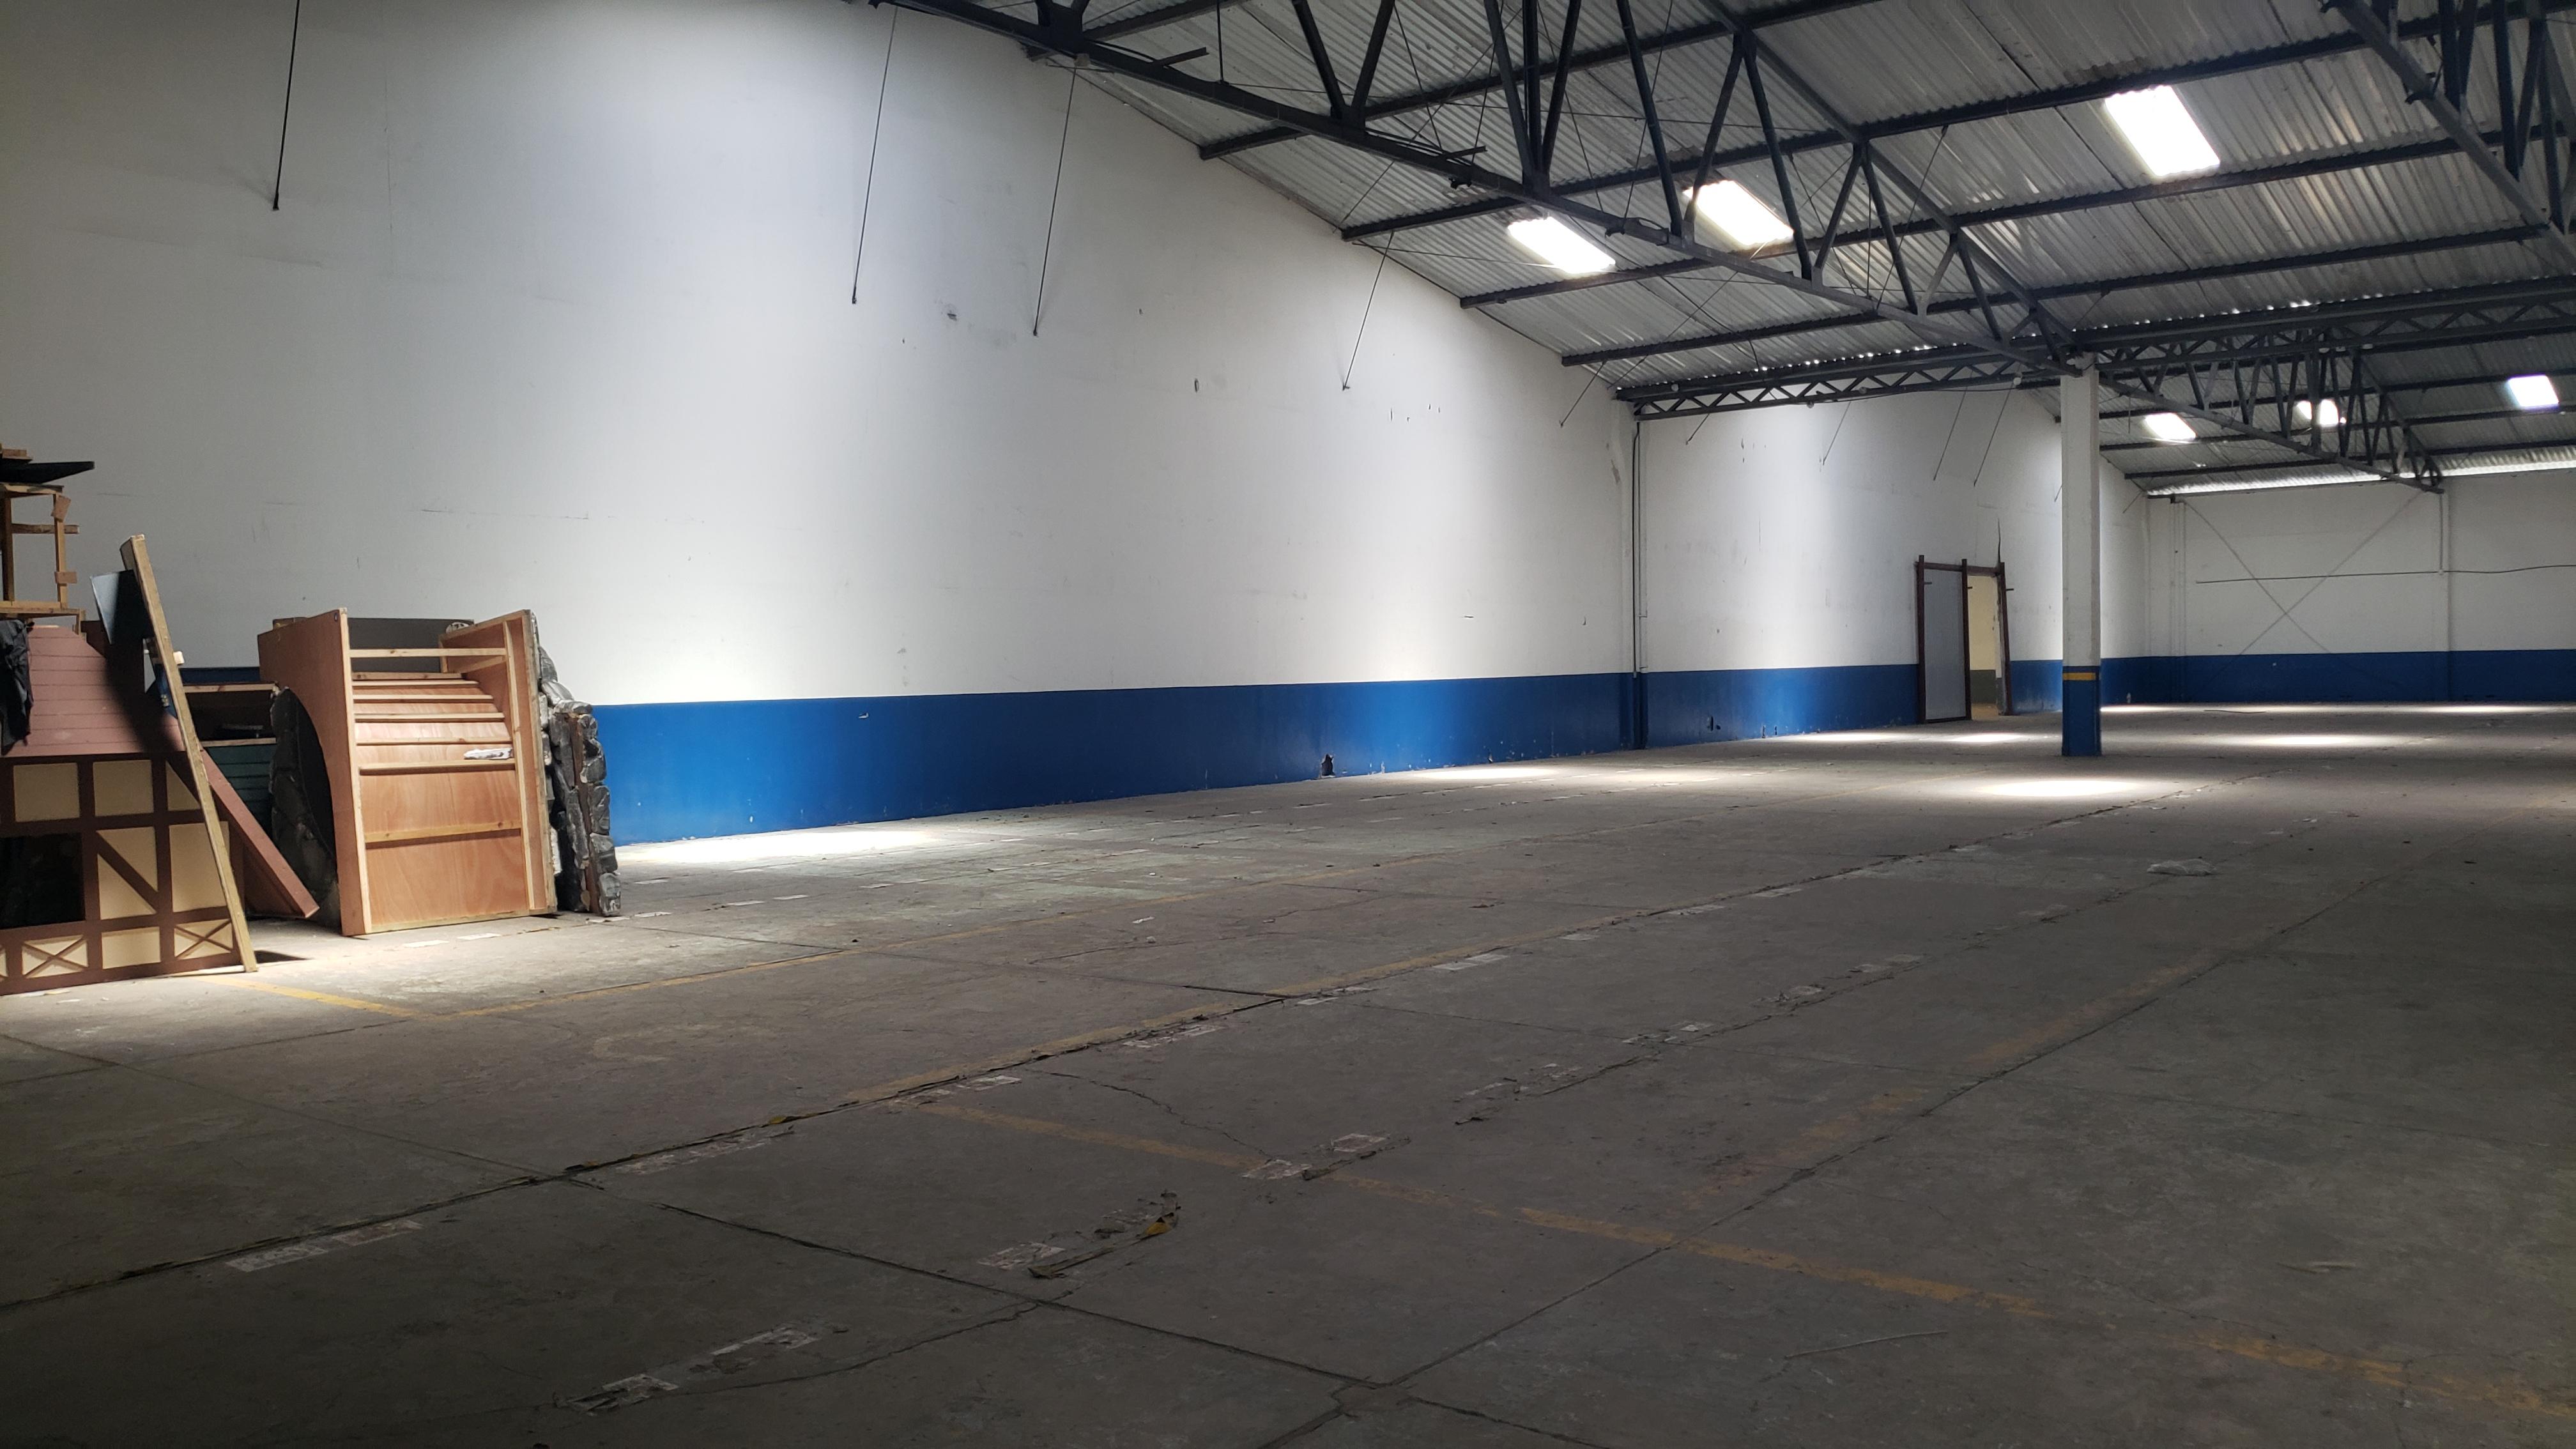 Alquiler de bodega industrial, El Coyol Alajuela, 4.000 m2, $18.000=